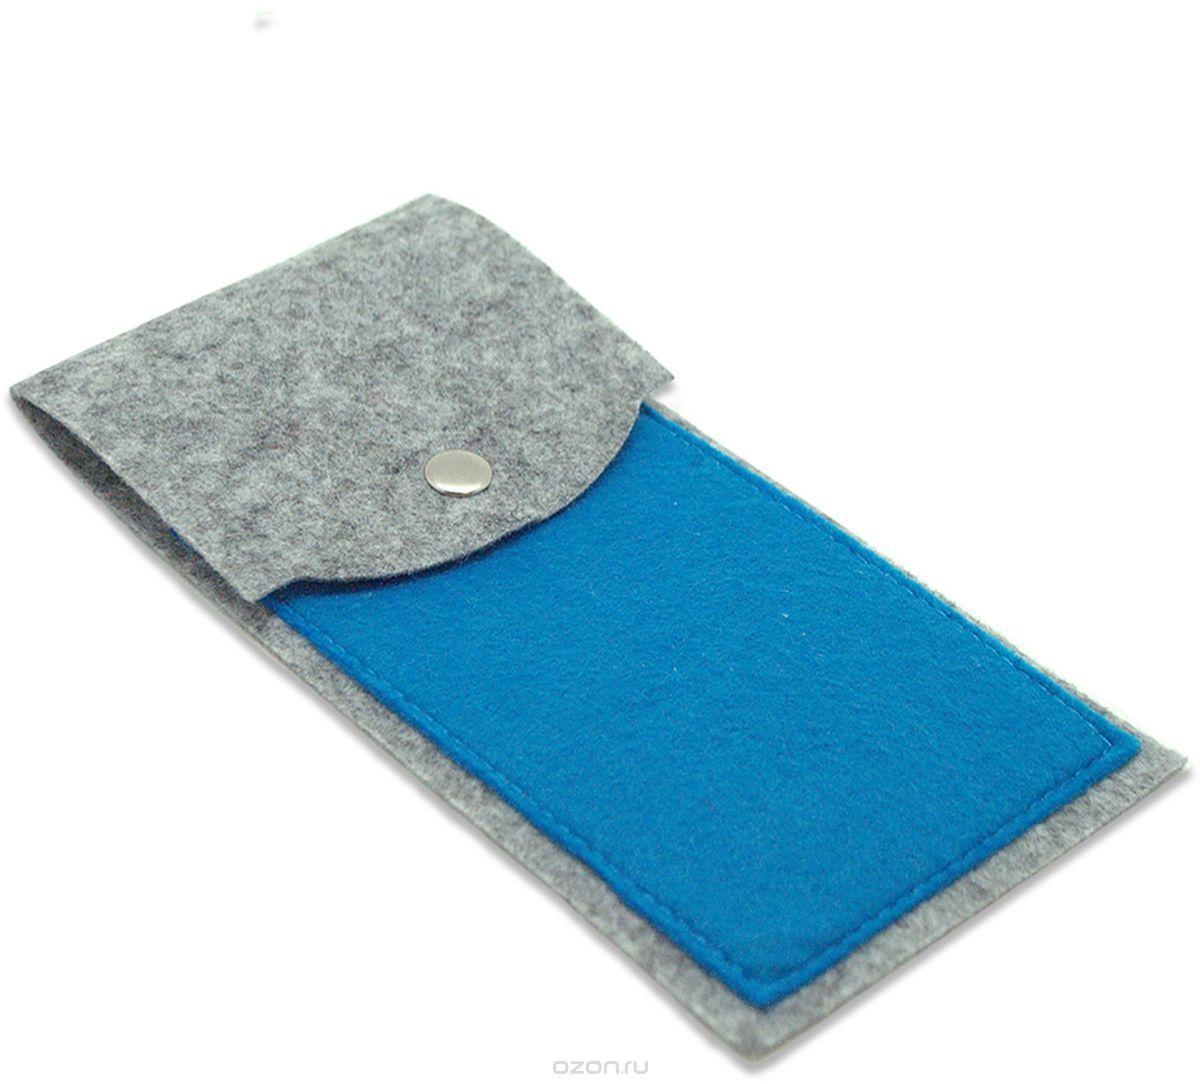 Пенал Feltrica вертикальный соро-синий , 4627130655007 feltrica пенал вертикальный